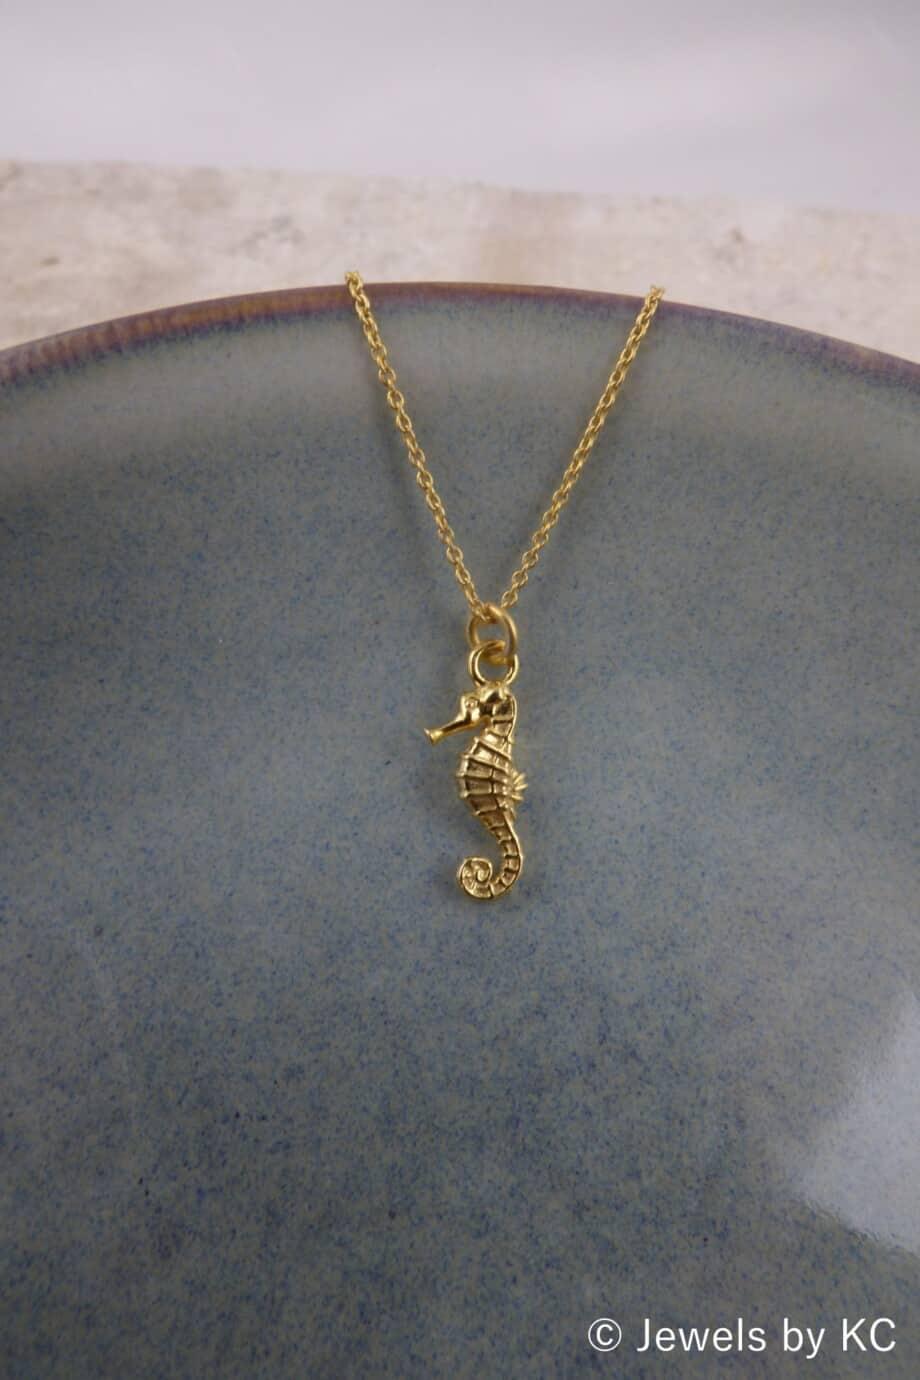 Gouden ketting met 'Zeepaardje' hanger van Goud op Zilver